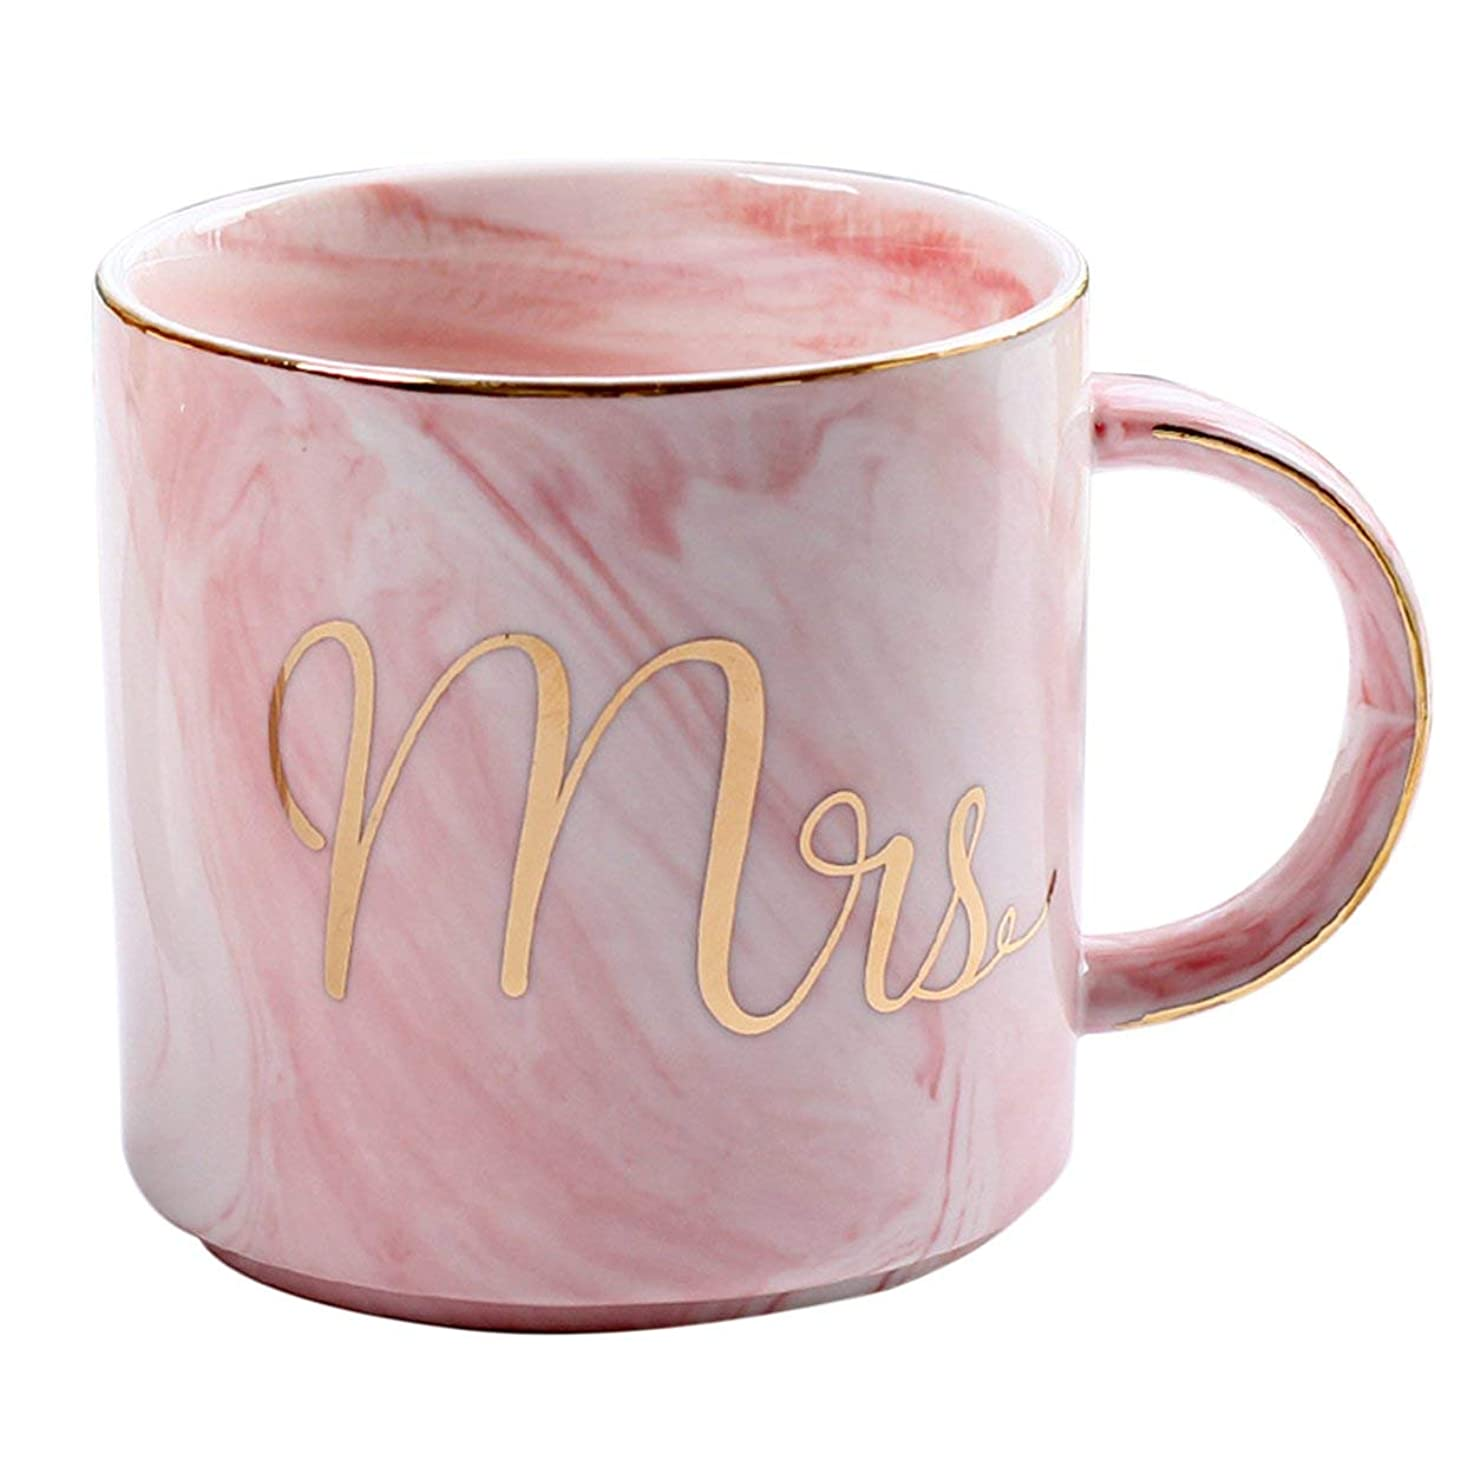 はげ入場料弁護人Saikogoods 愛好家のためのホームオフィスベストギフトのための美しいMarbelパターンセラミック水マグレタープリントコーヒーカップ ピンク